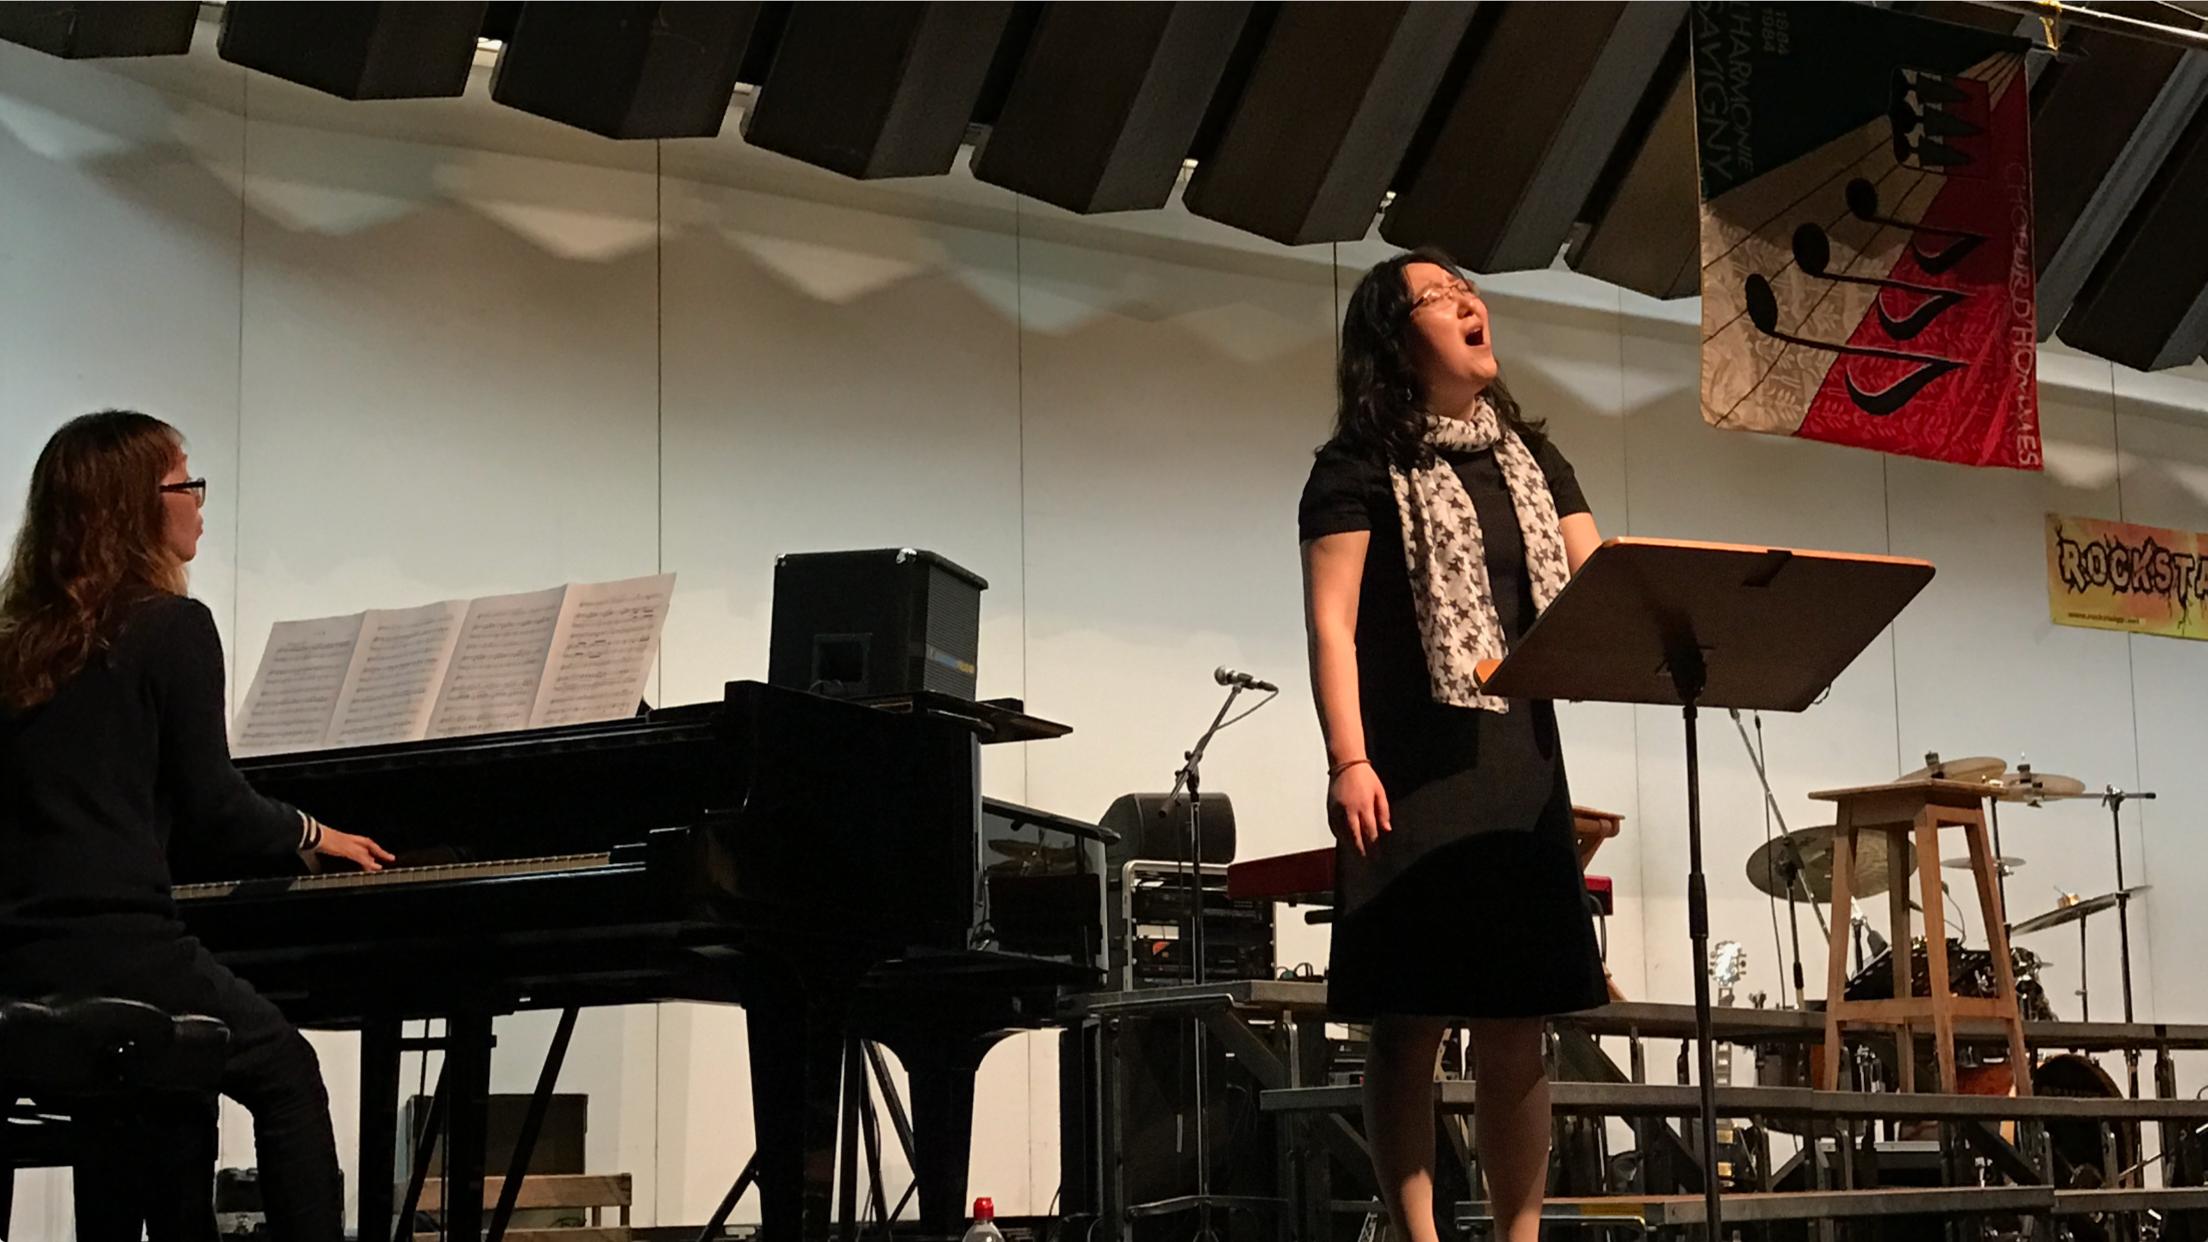 L'intermède musical assuré par la soprane Kwi-Hyun Bin et sa sœur pianiste Kwi-Hee Kauffmann-Bin